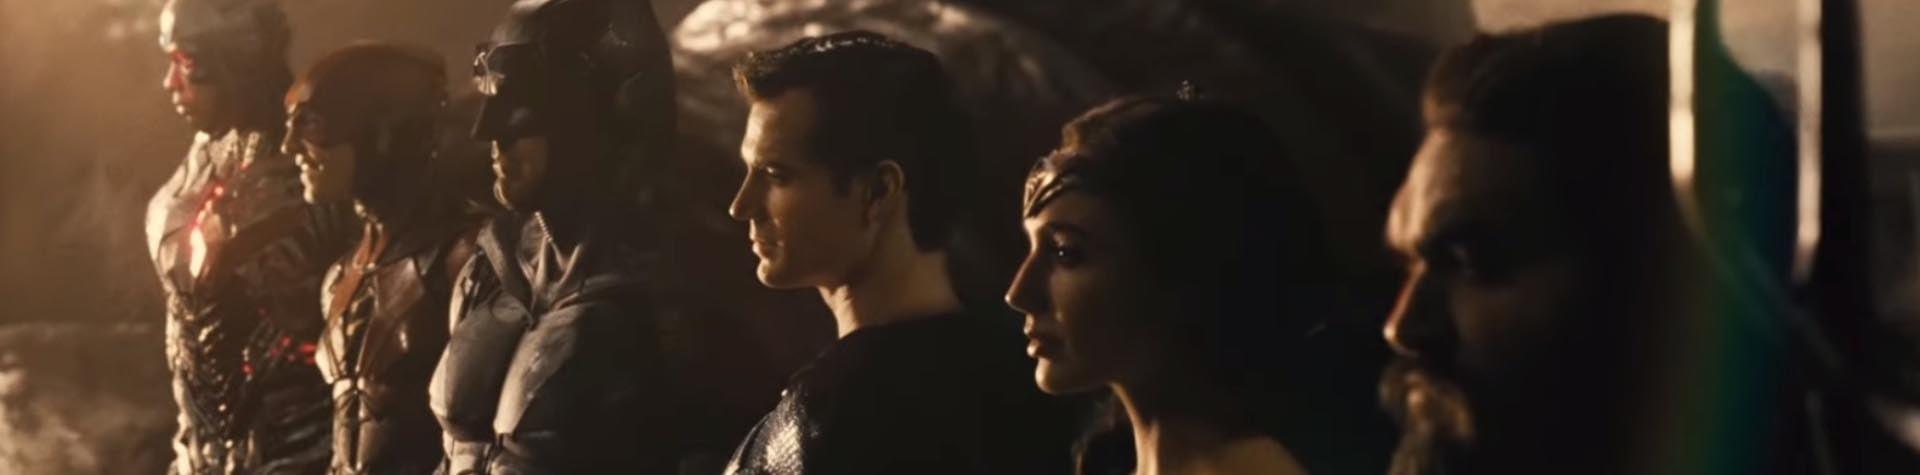 Tom Holkenborg – Zack Snyder's Justice League